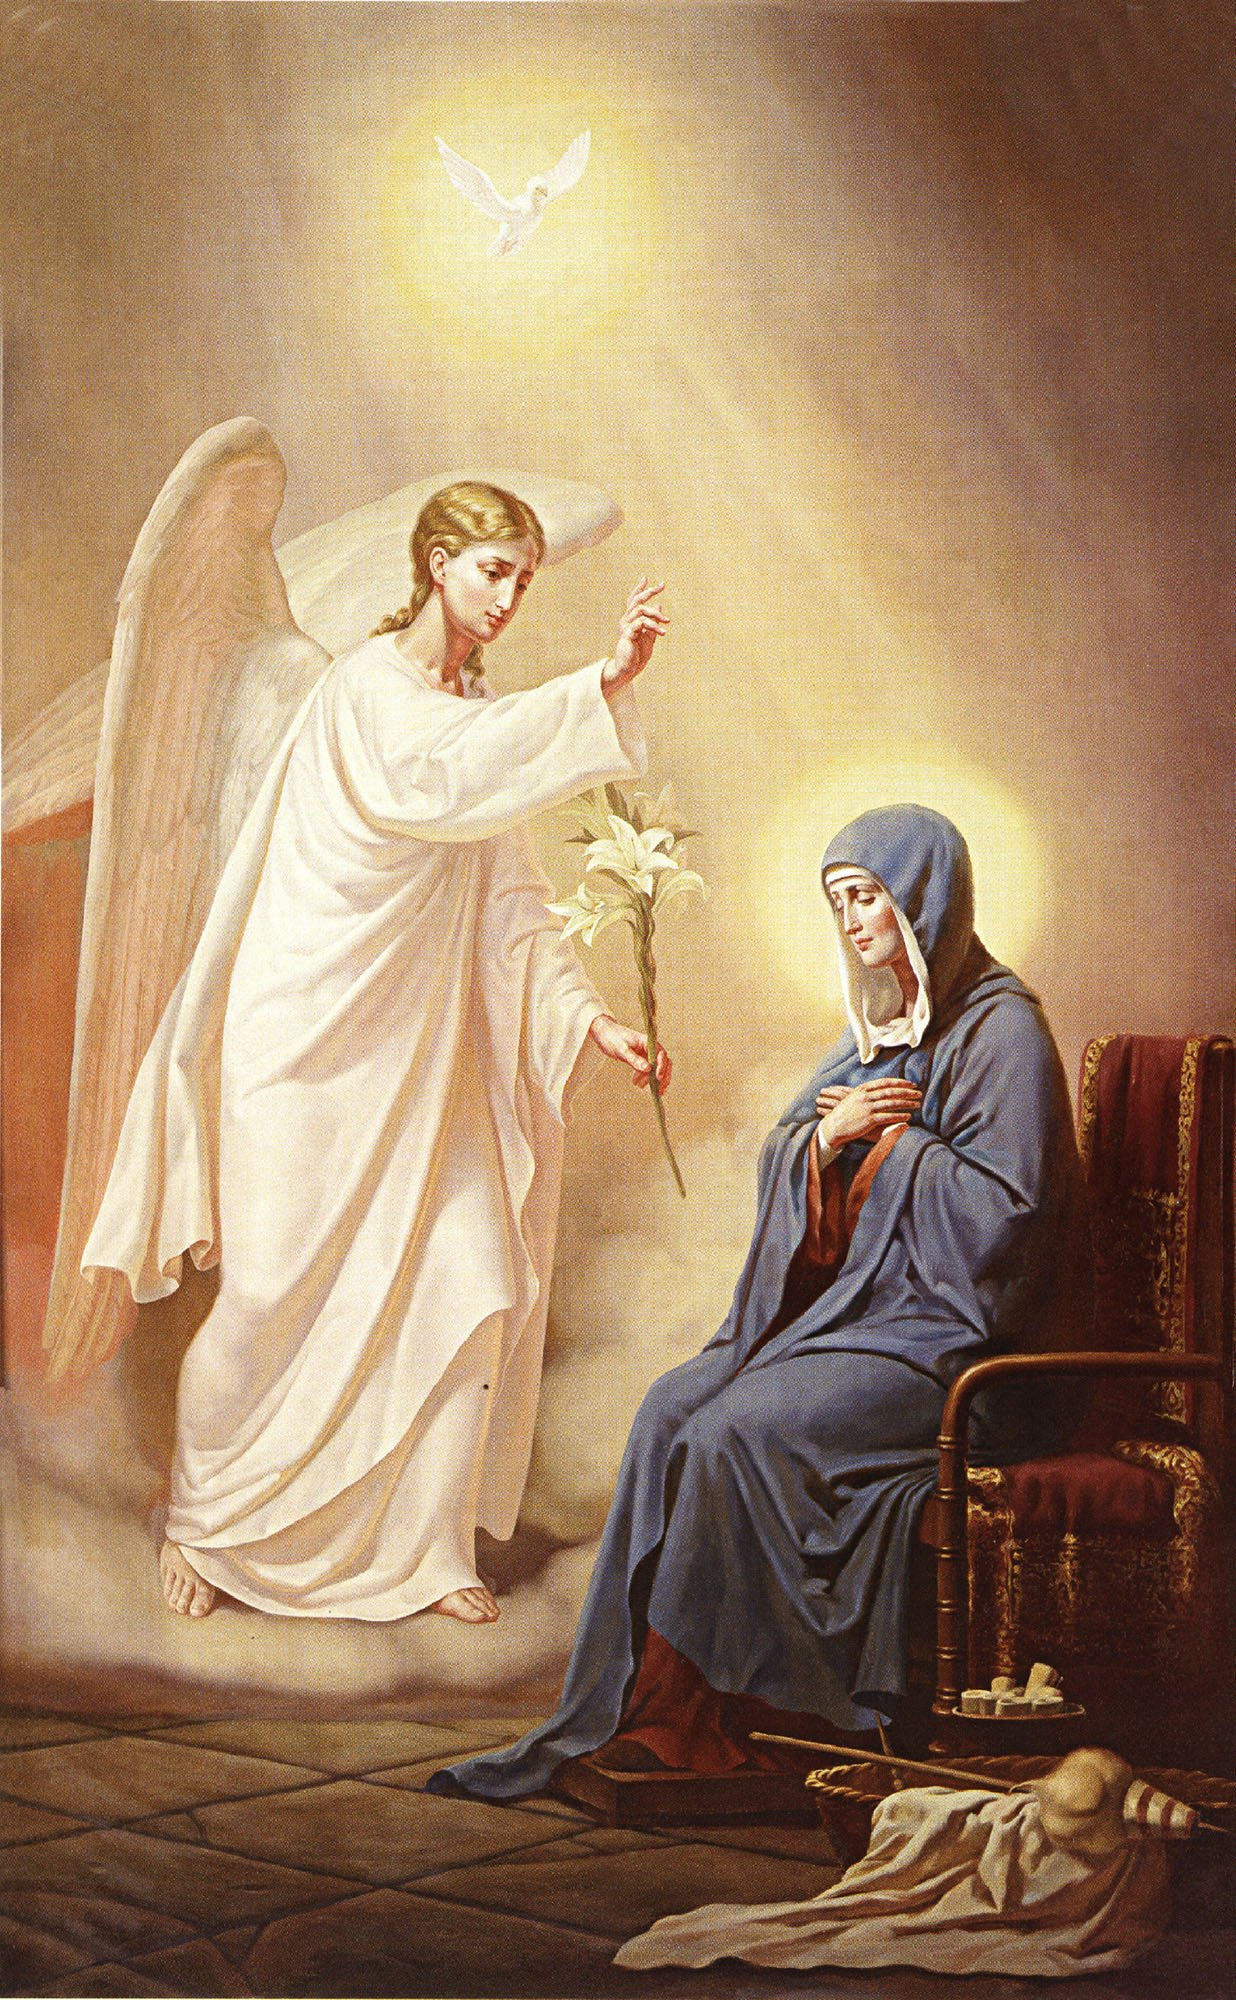 Открытки благовещение пресвятой богородице, воскресенье картинки открытки